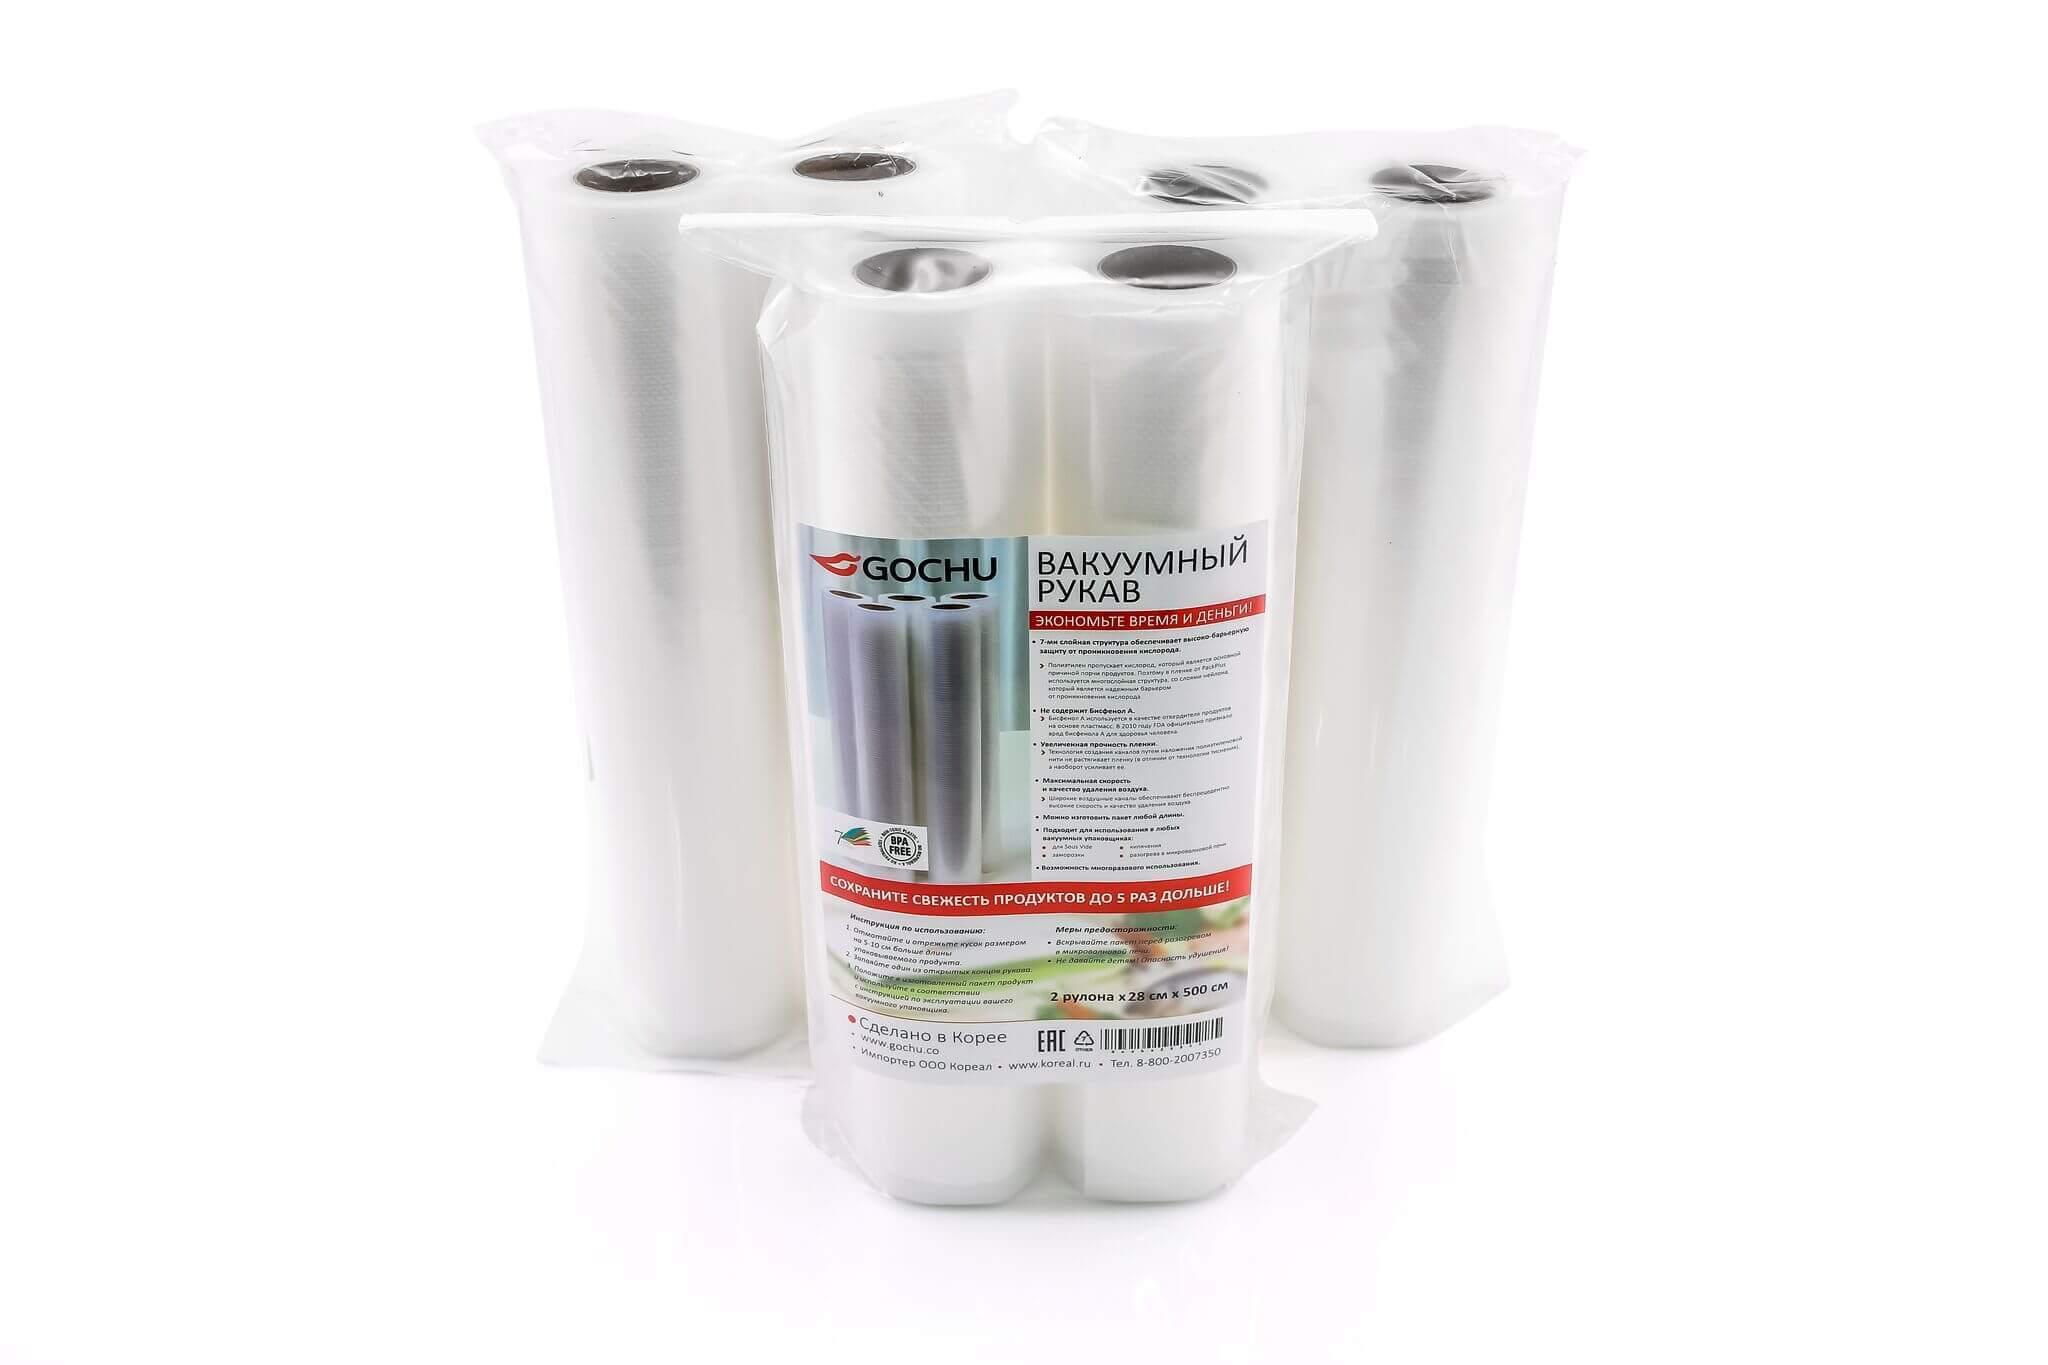 Пленка для вакуумного упаковщика Gochu (28х500 см)